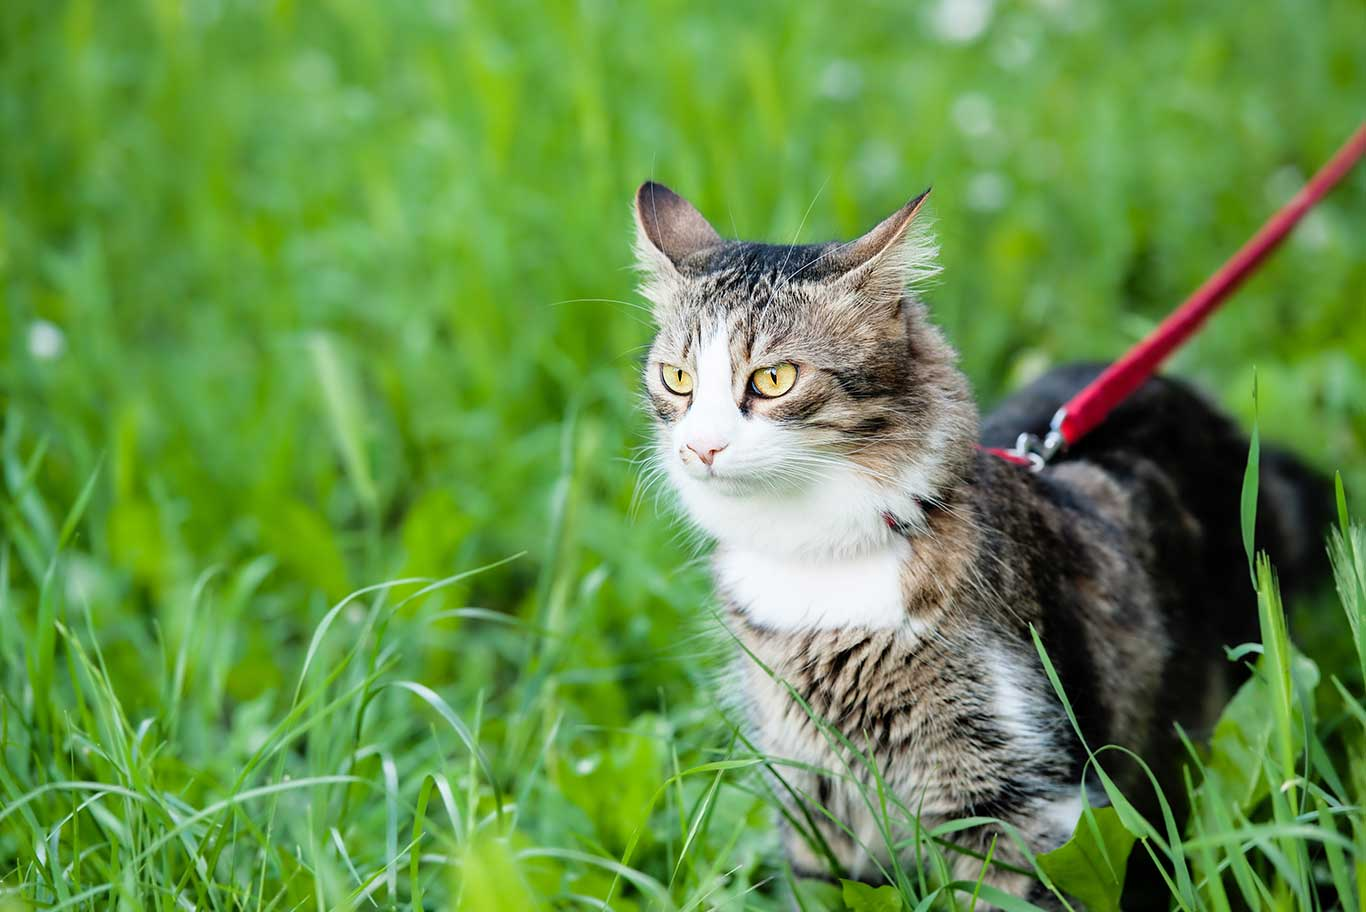 Cat in grass field